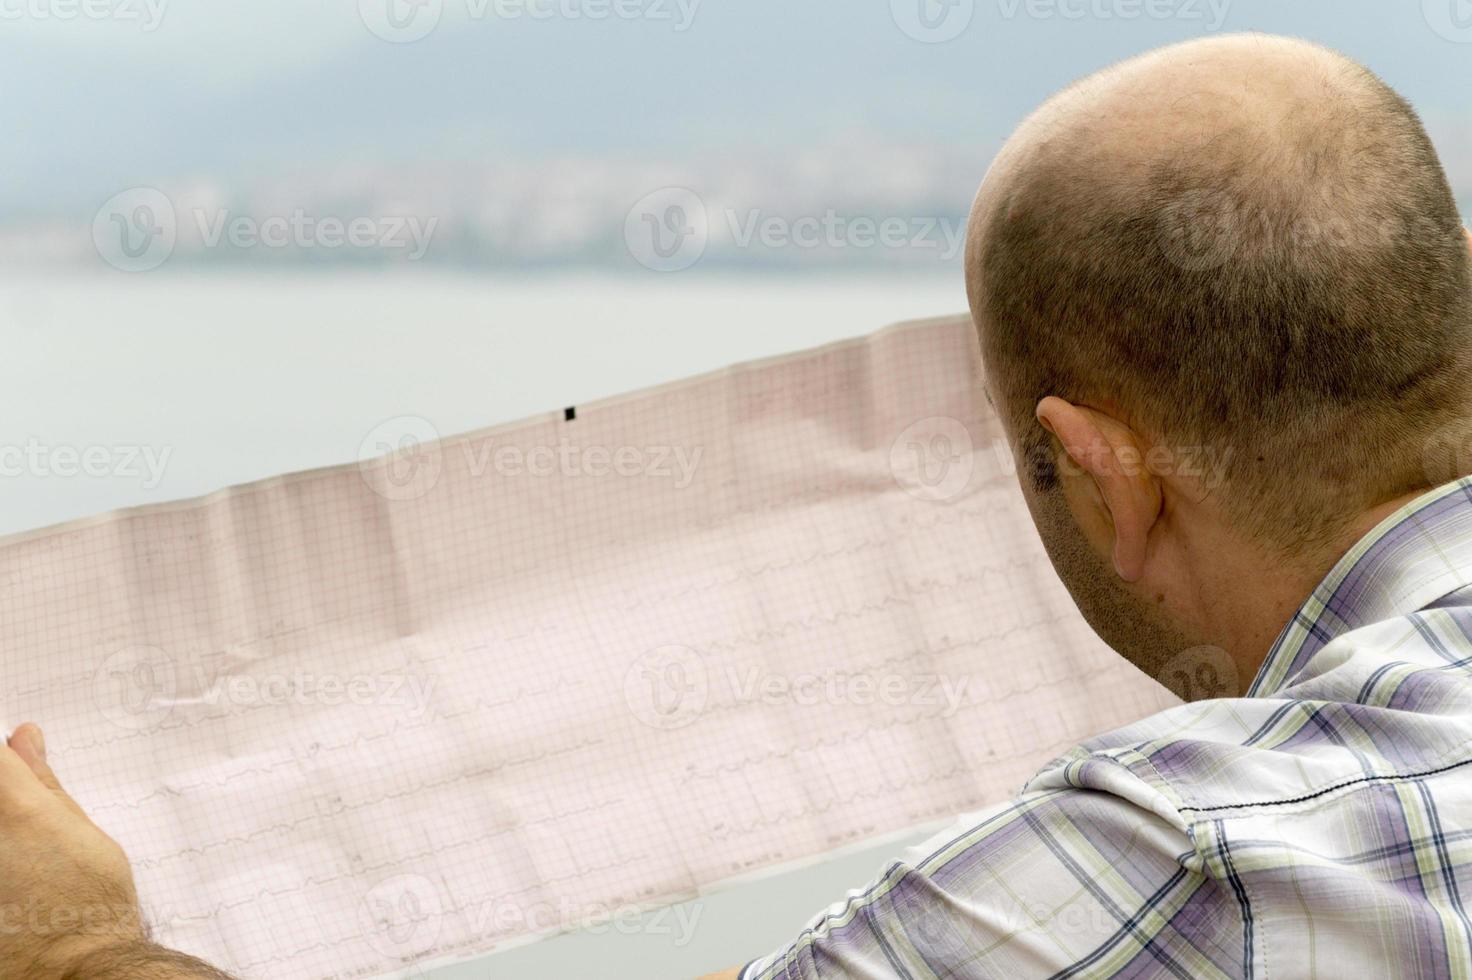 Der Patient sucht nach Kardiogrammergebnissen foto